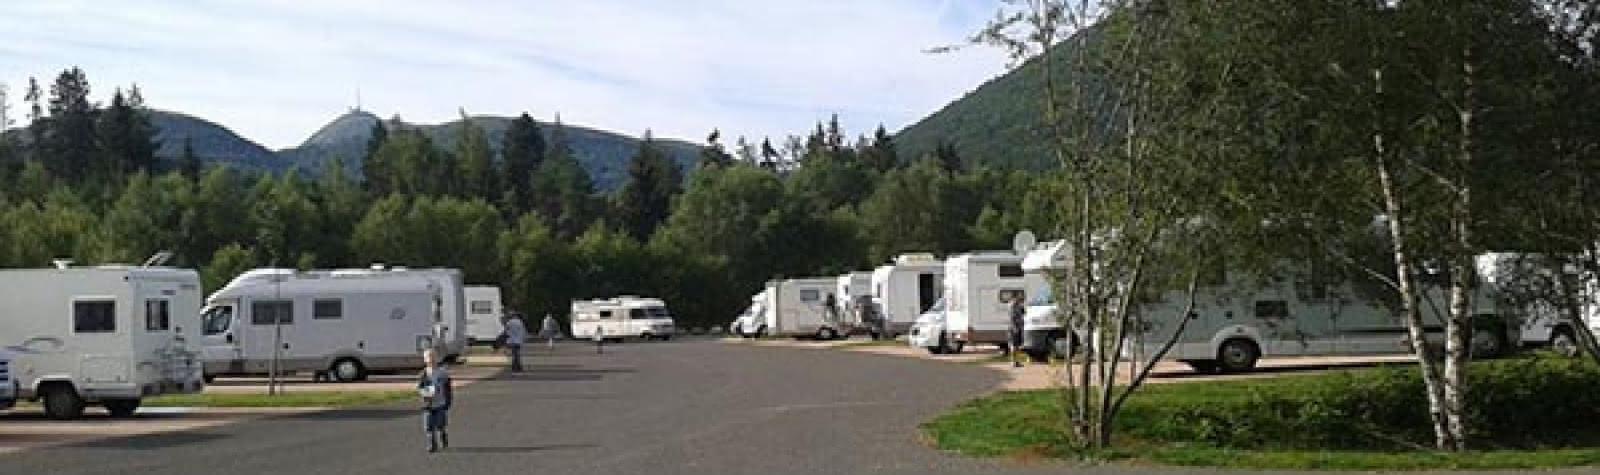 Aire de camping-cars Vulcania